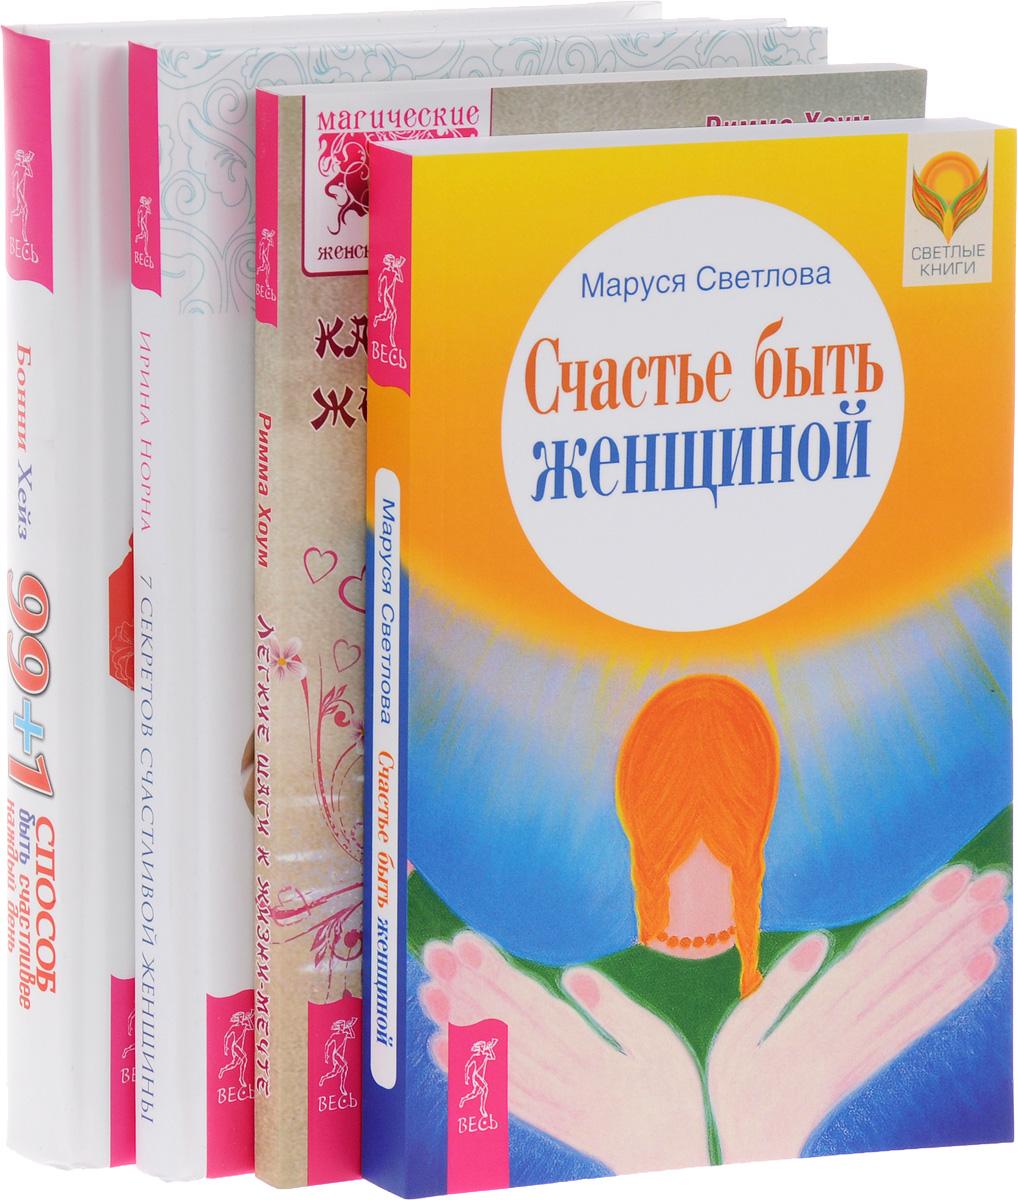 Маруся Светлова, Римма Хоум, Бонни Хейз, Ирина Норна Счастье быть женщиной. Легкие шаги к жизни-мечте. Как быть счастливой женщиной. 99 + 1 способ быть счастливее каждый день. 7 секретов счастливой женщины (комплект из 4 книг) дмитрий калинский формула соблазнения или 12 секретов счастливой женщины